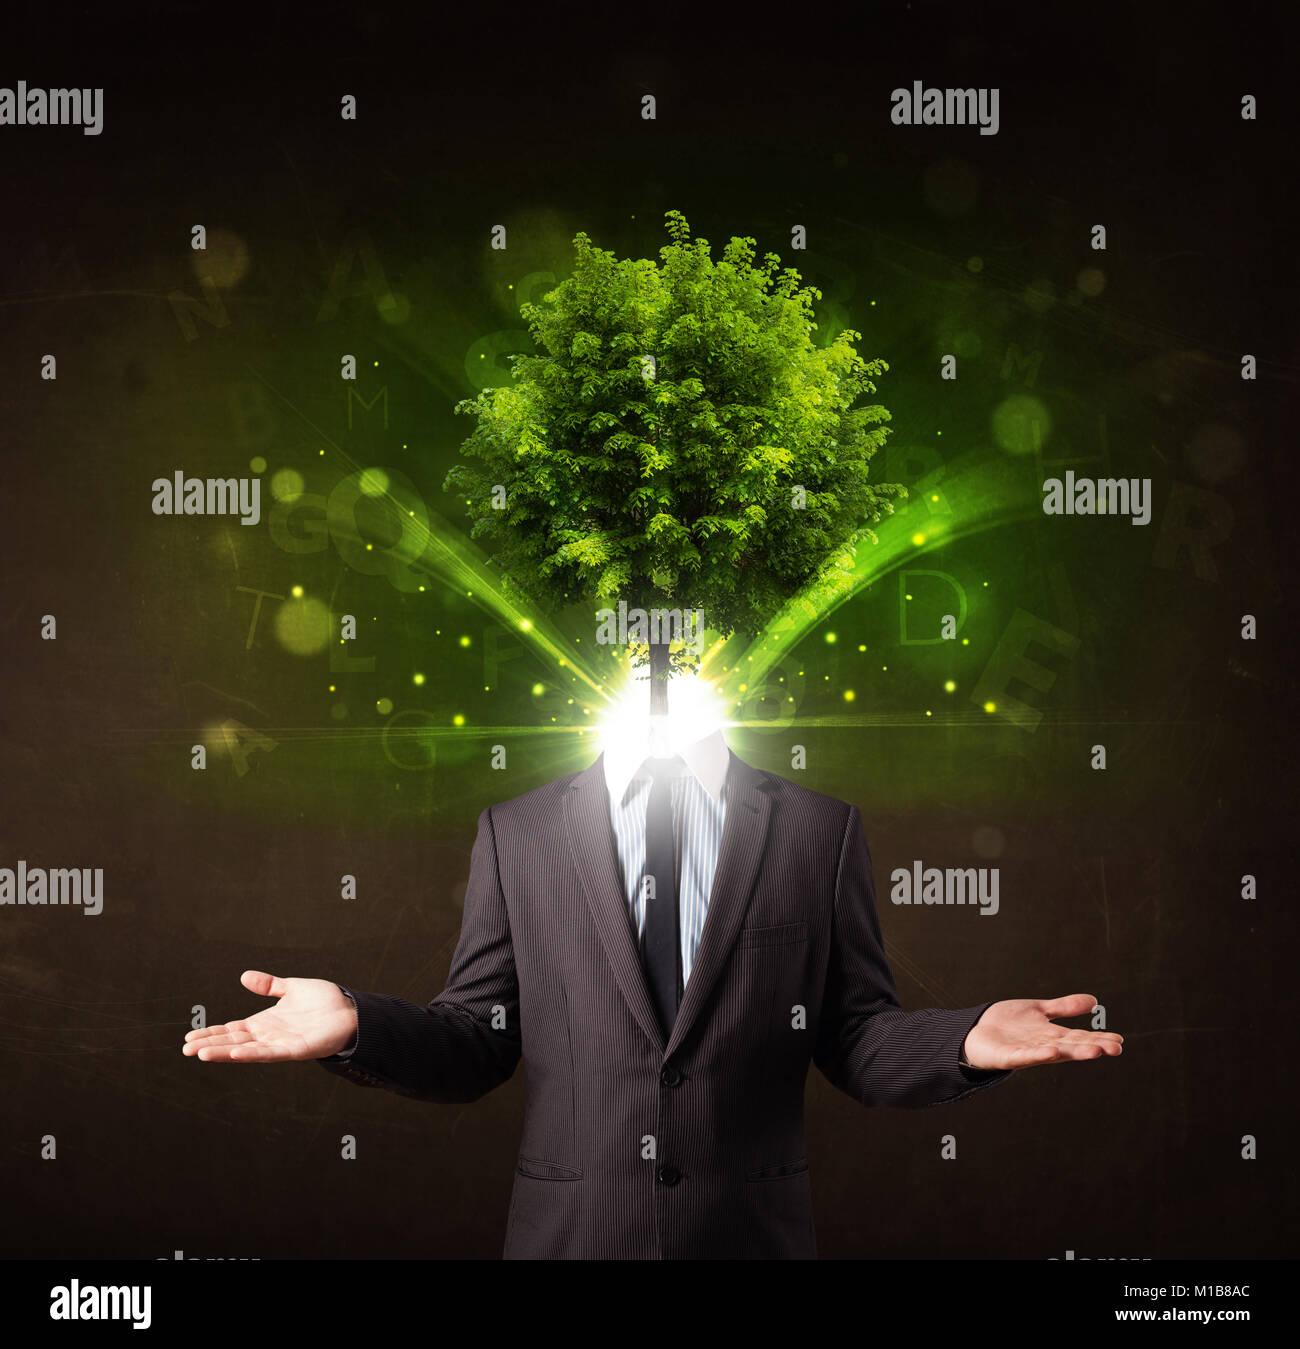 Uomo con albero verde il concetto di testa su sfondo marrone Immagini Stock